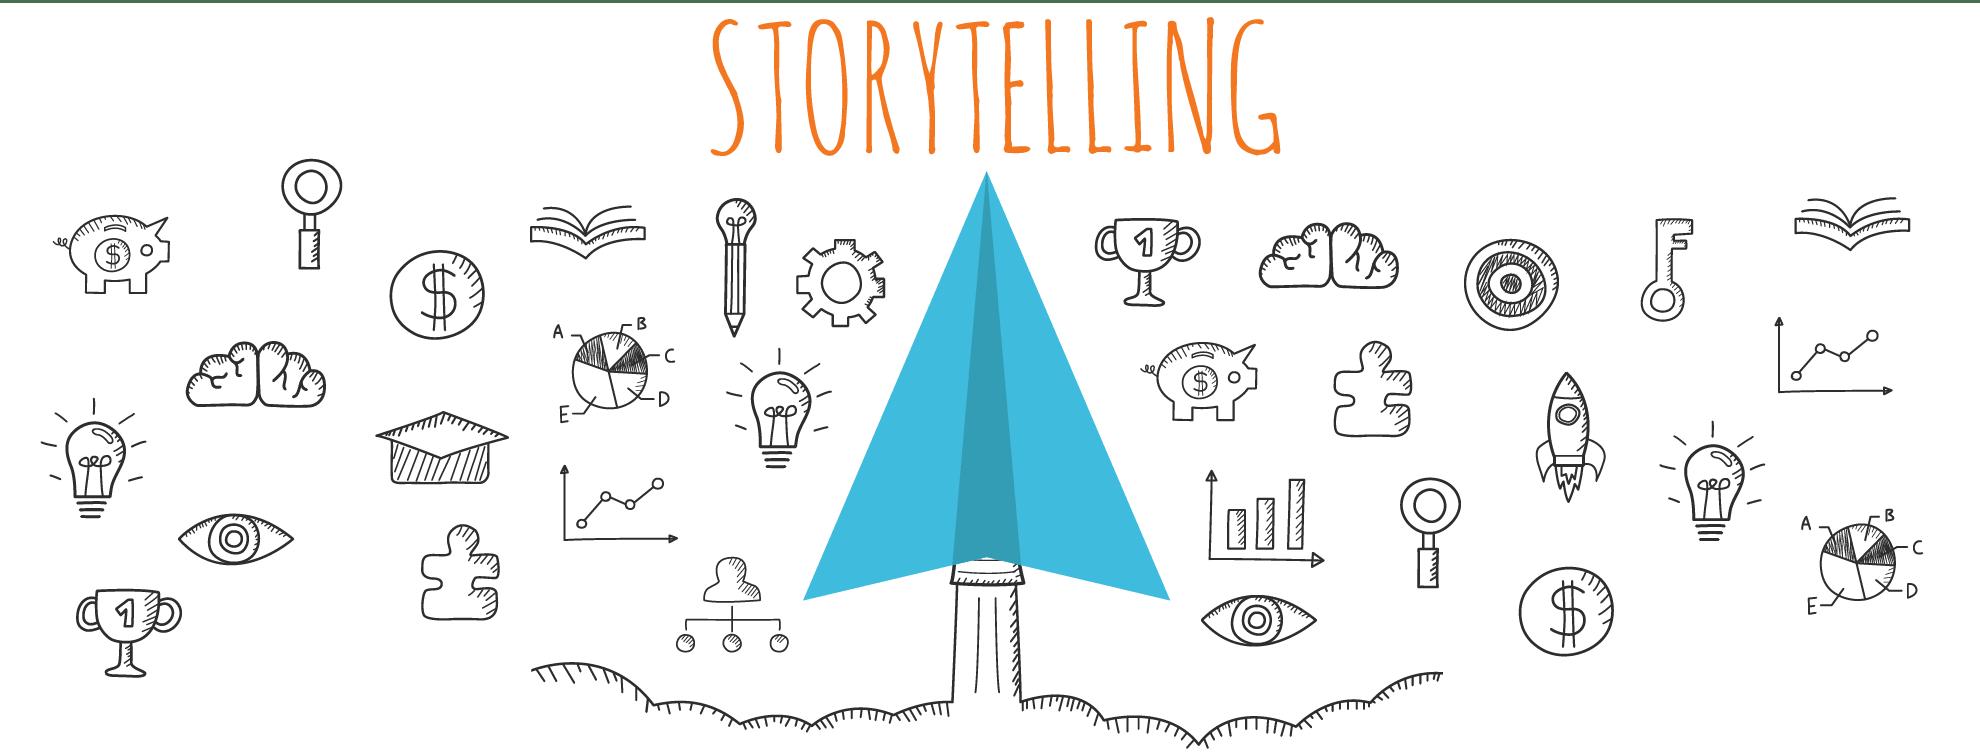 El storytelling puede ayudar en tu negocio